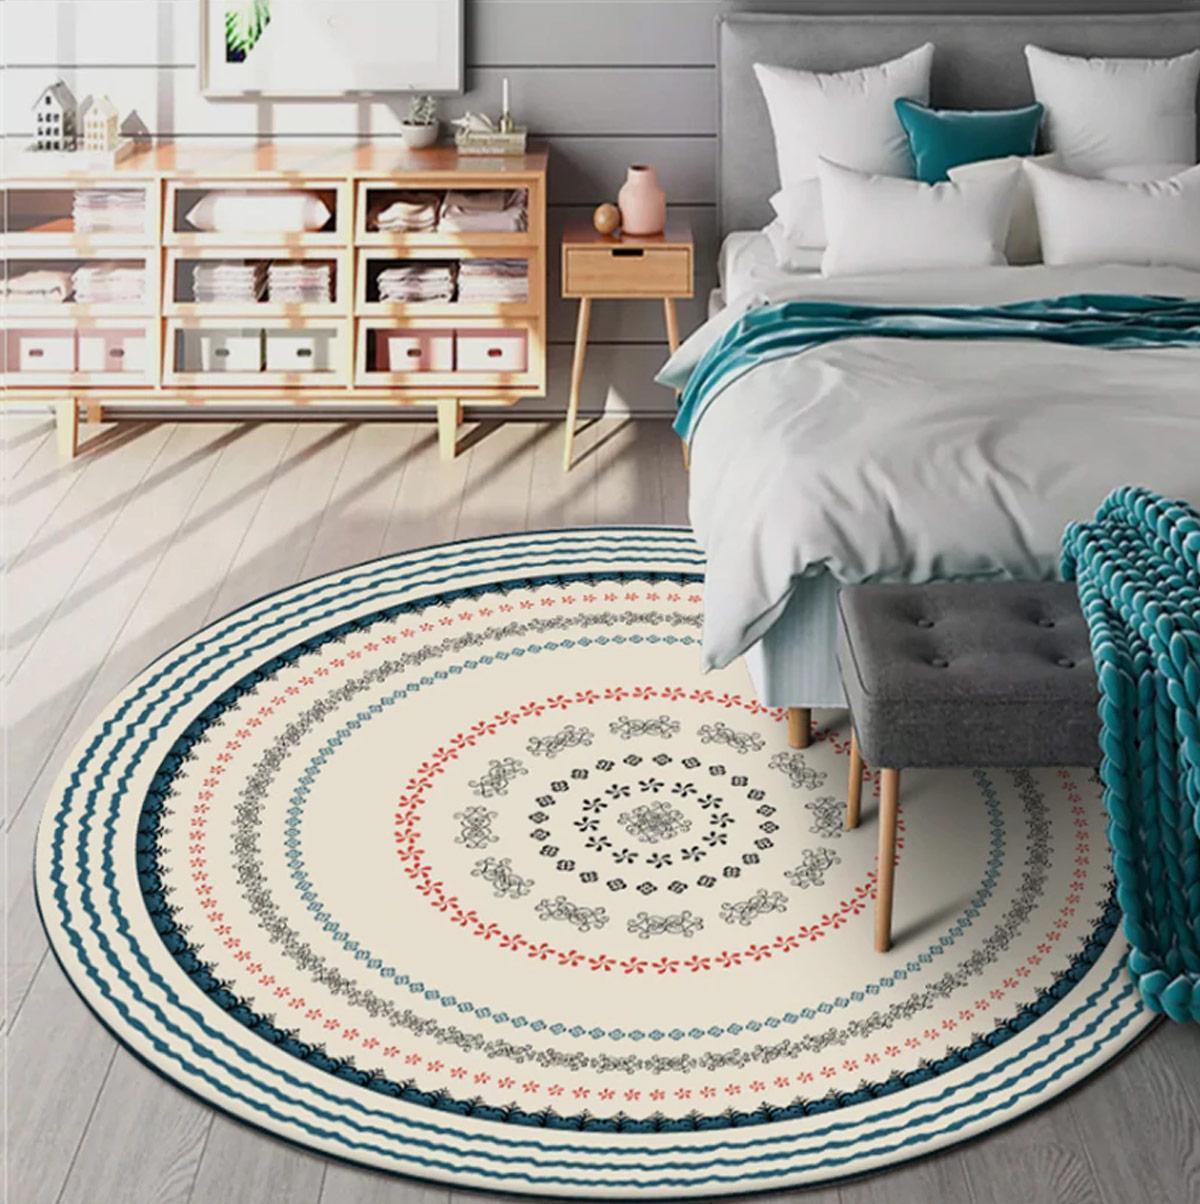 tự trang trí phòng ngủ với thảm trải sàn đơn giản